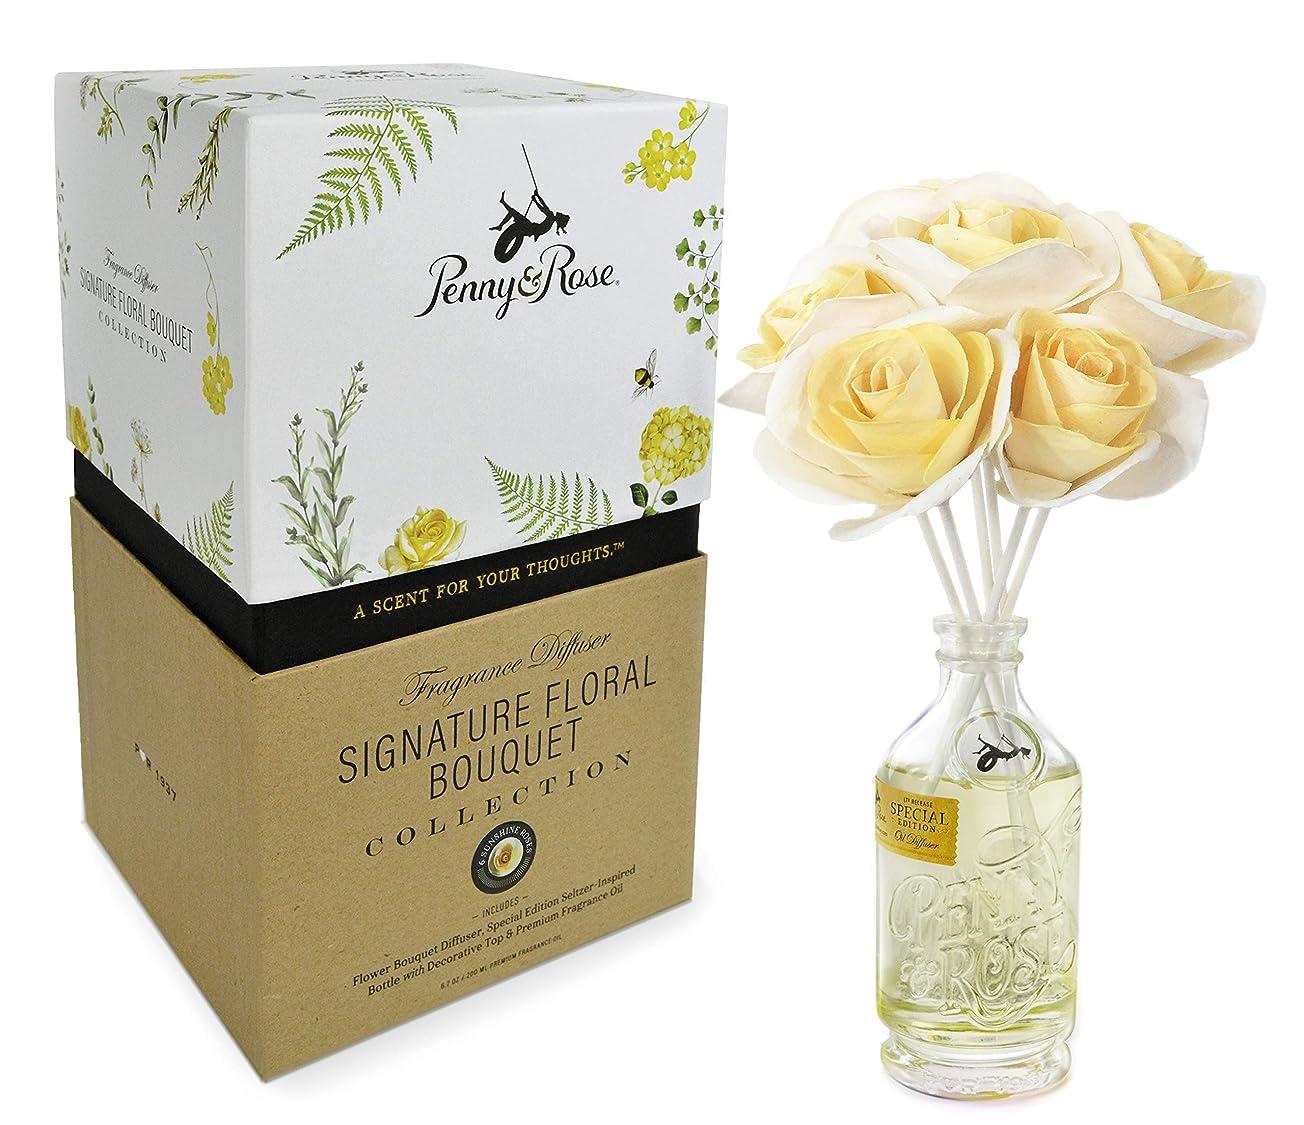 オンスとにかく品種Penny & Rose サンシャイン ローズフローラルオイルディフューザー ホームフレグランスの香り ローストメープル「マロ」